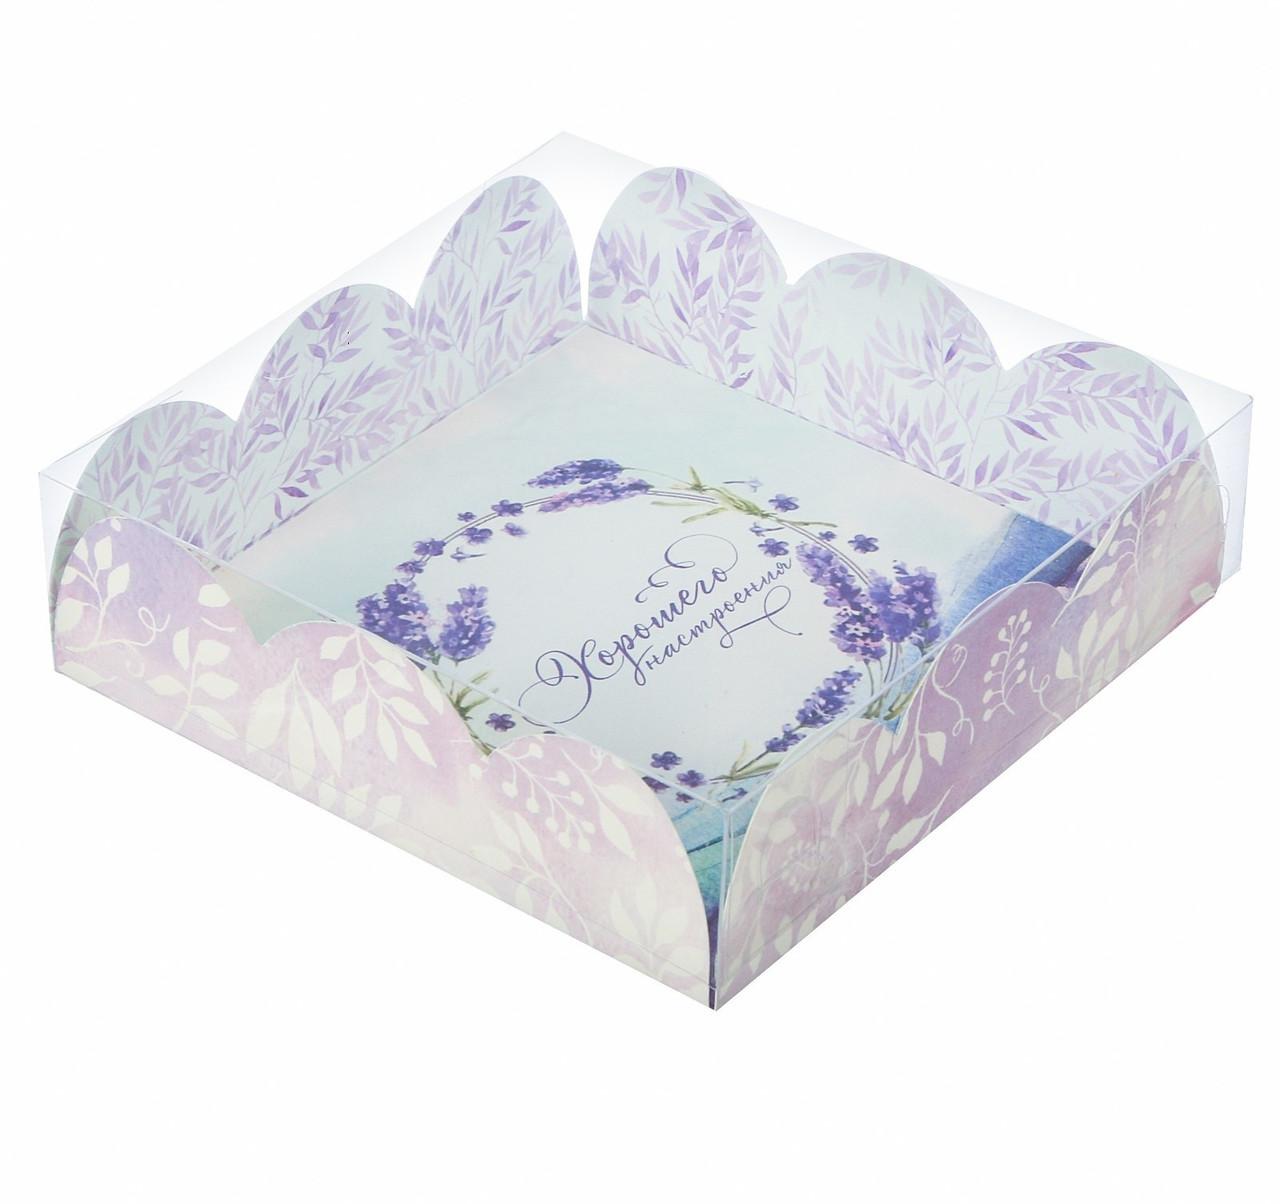 Коробка для кондитерских изделий с PVC крышкой «Хорошего настроения», 10,5 × 10,5 × 3 см